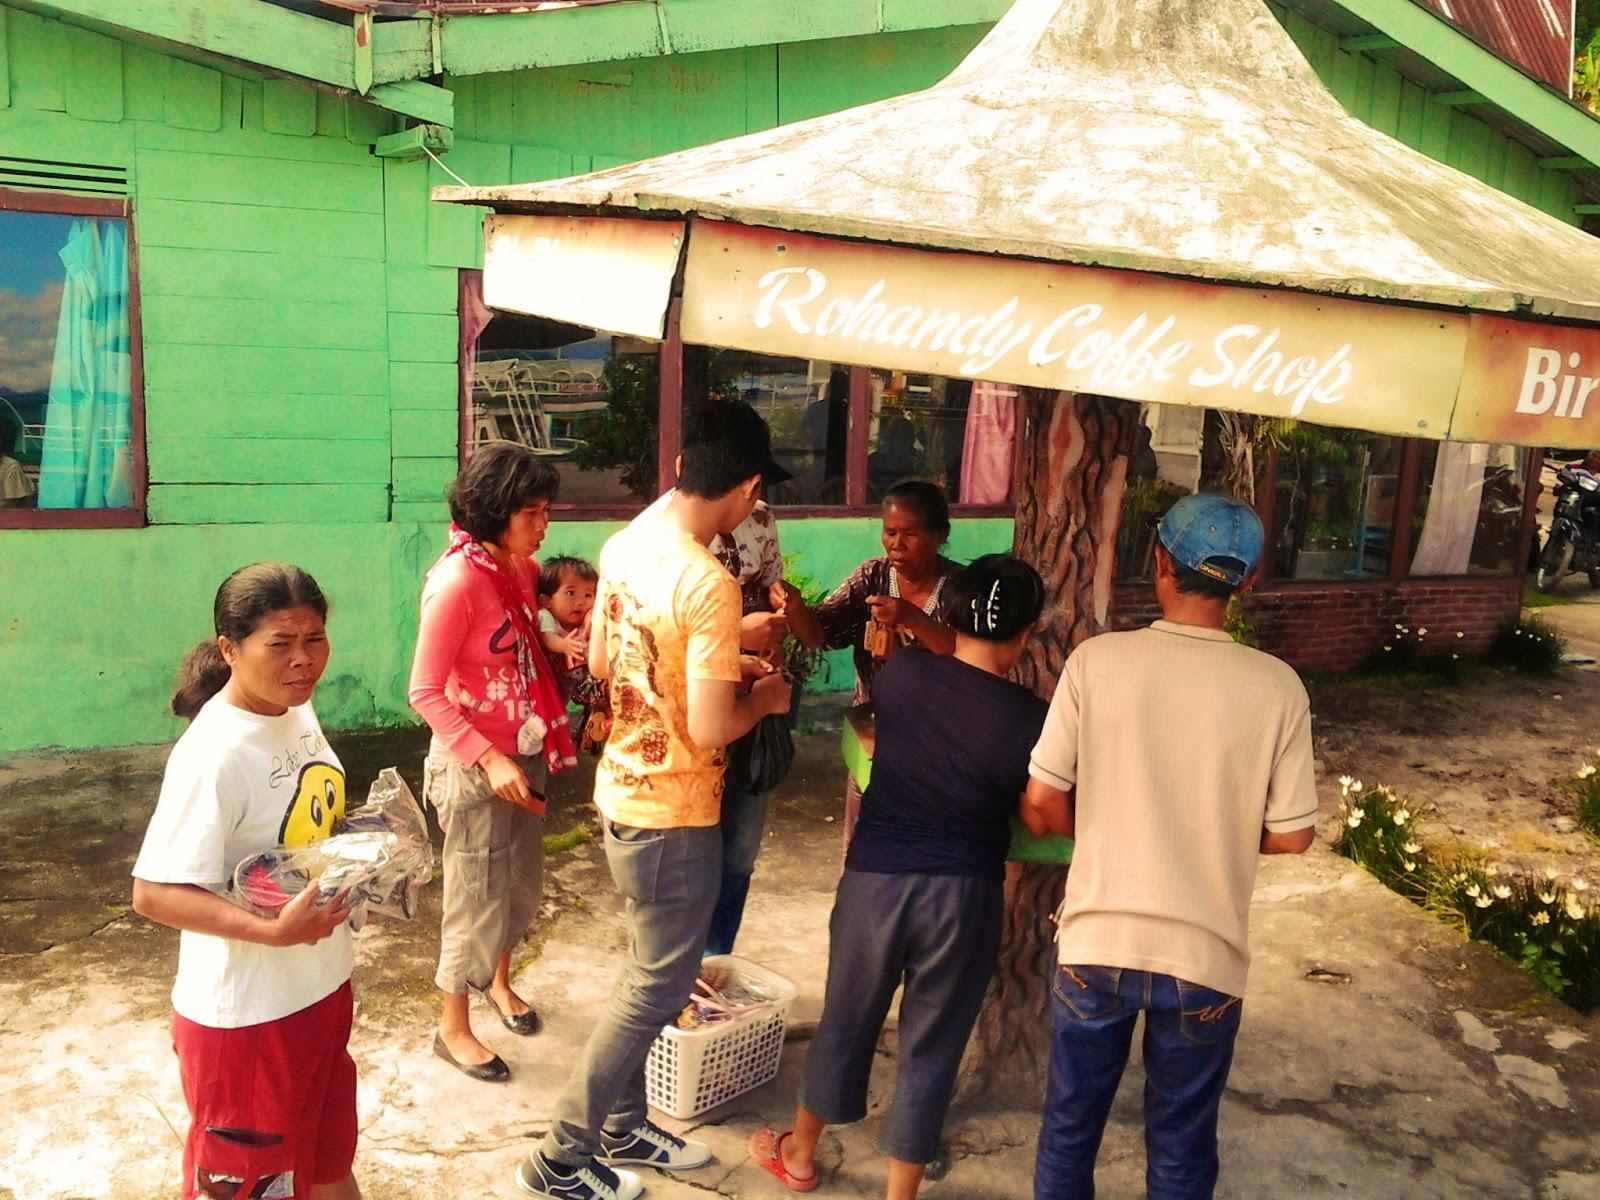 Rumah Kaum Batak Boleh muat sehingga 20 orang